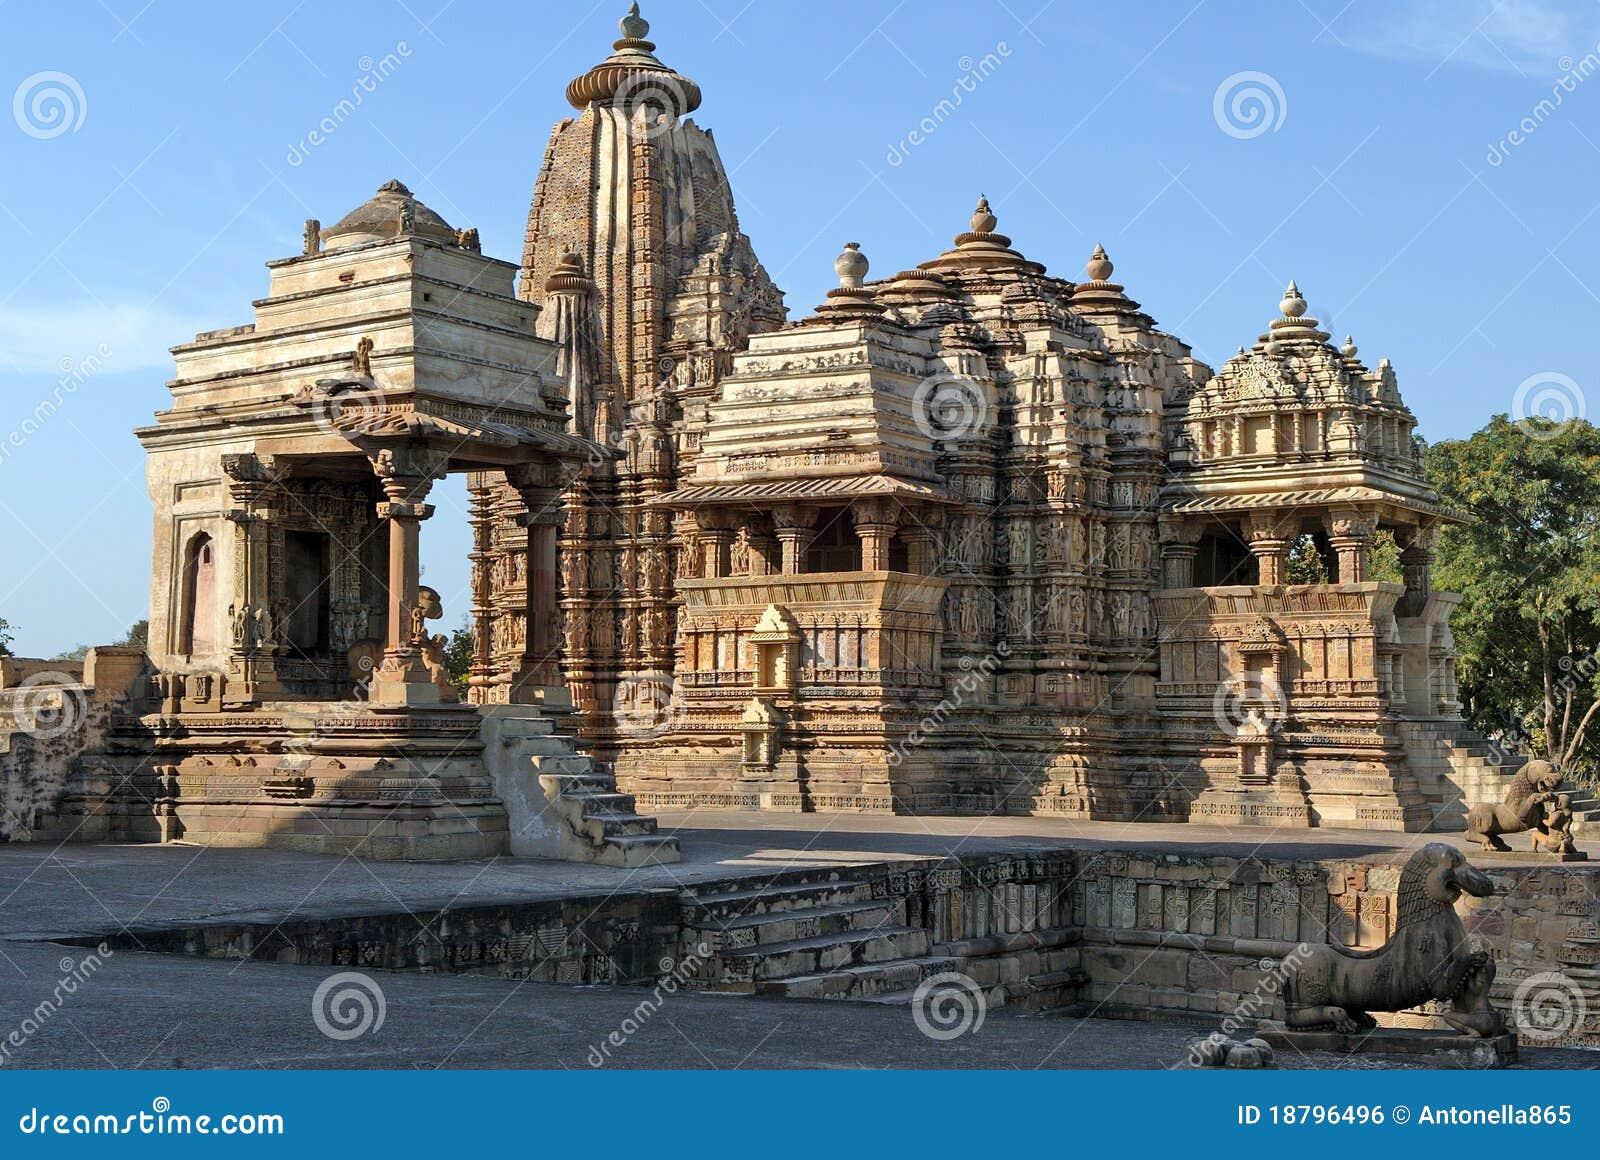 Monumento di Khajuraho